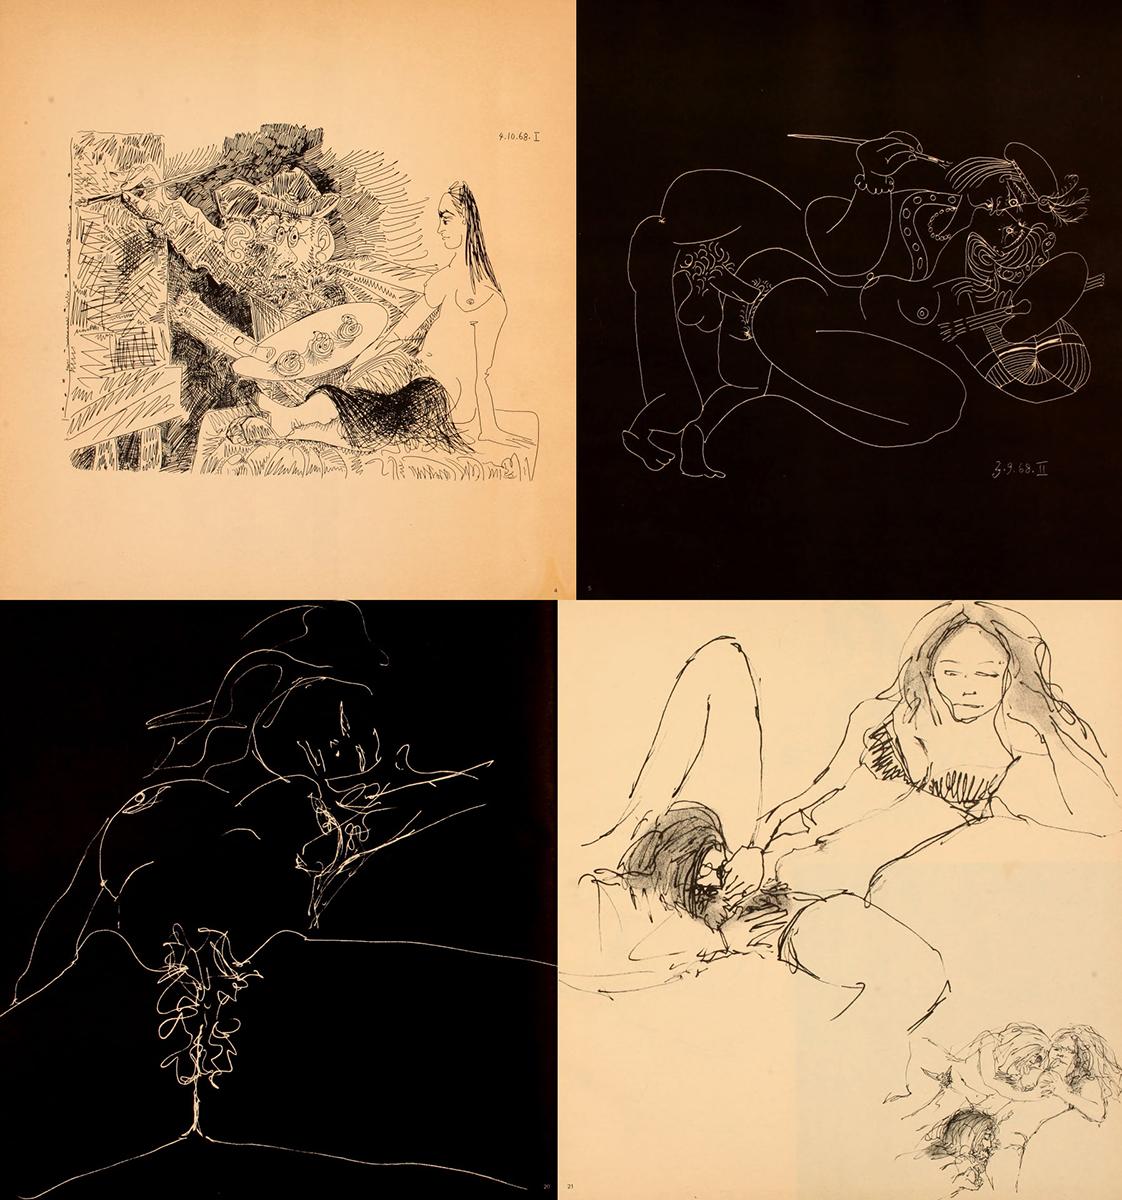 Dibujos eróticos de Pablo Picasso (arriba) y de John Lennon publicados en 'Avant Garde'